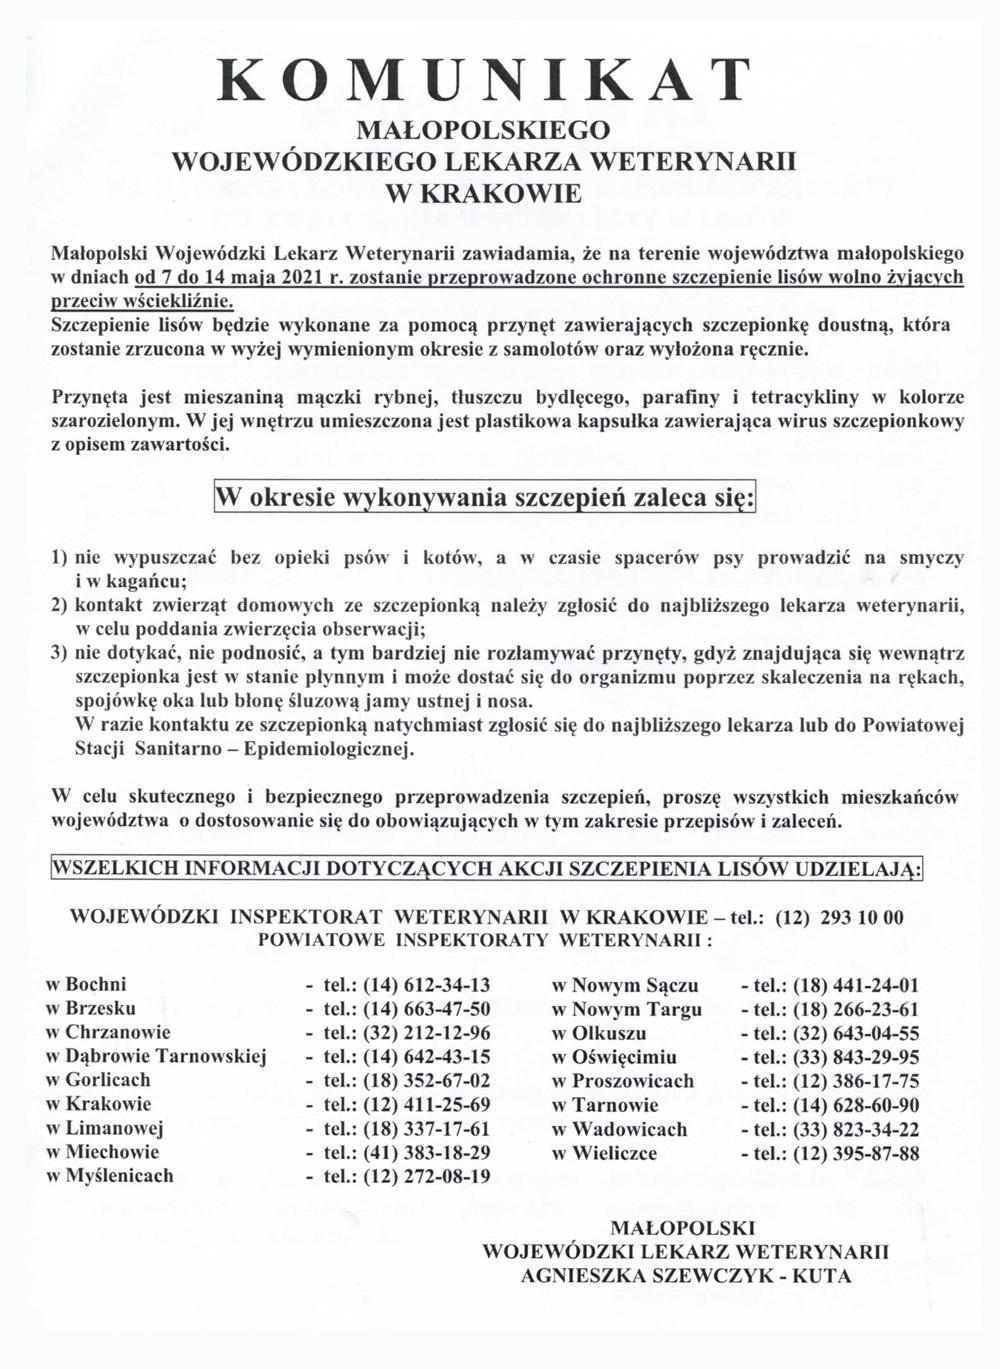 Komunikat WLW 2021 Komunikat Małopolskiego Wojewódzkiego Lekarza Weterynarii w Krakowie dot. akcji szczepienia lisów